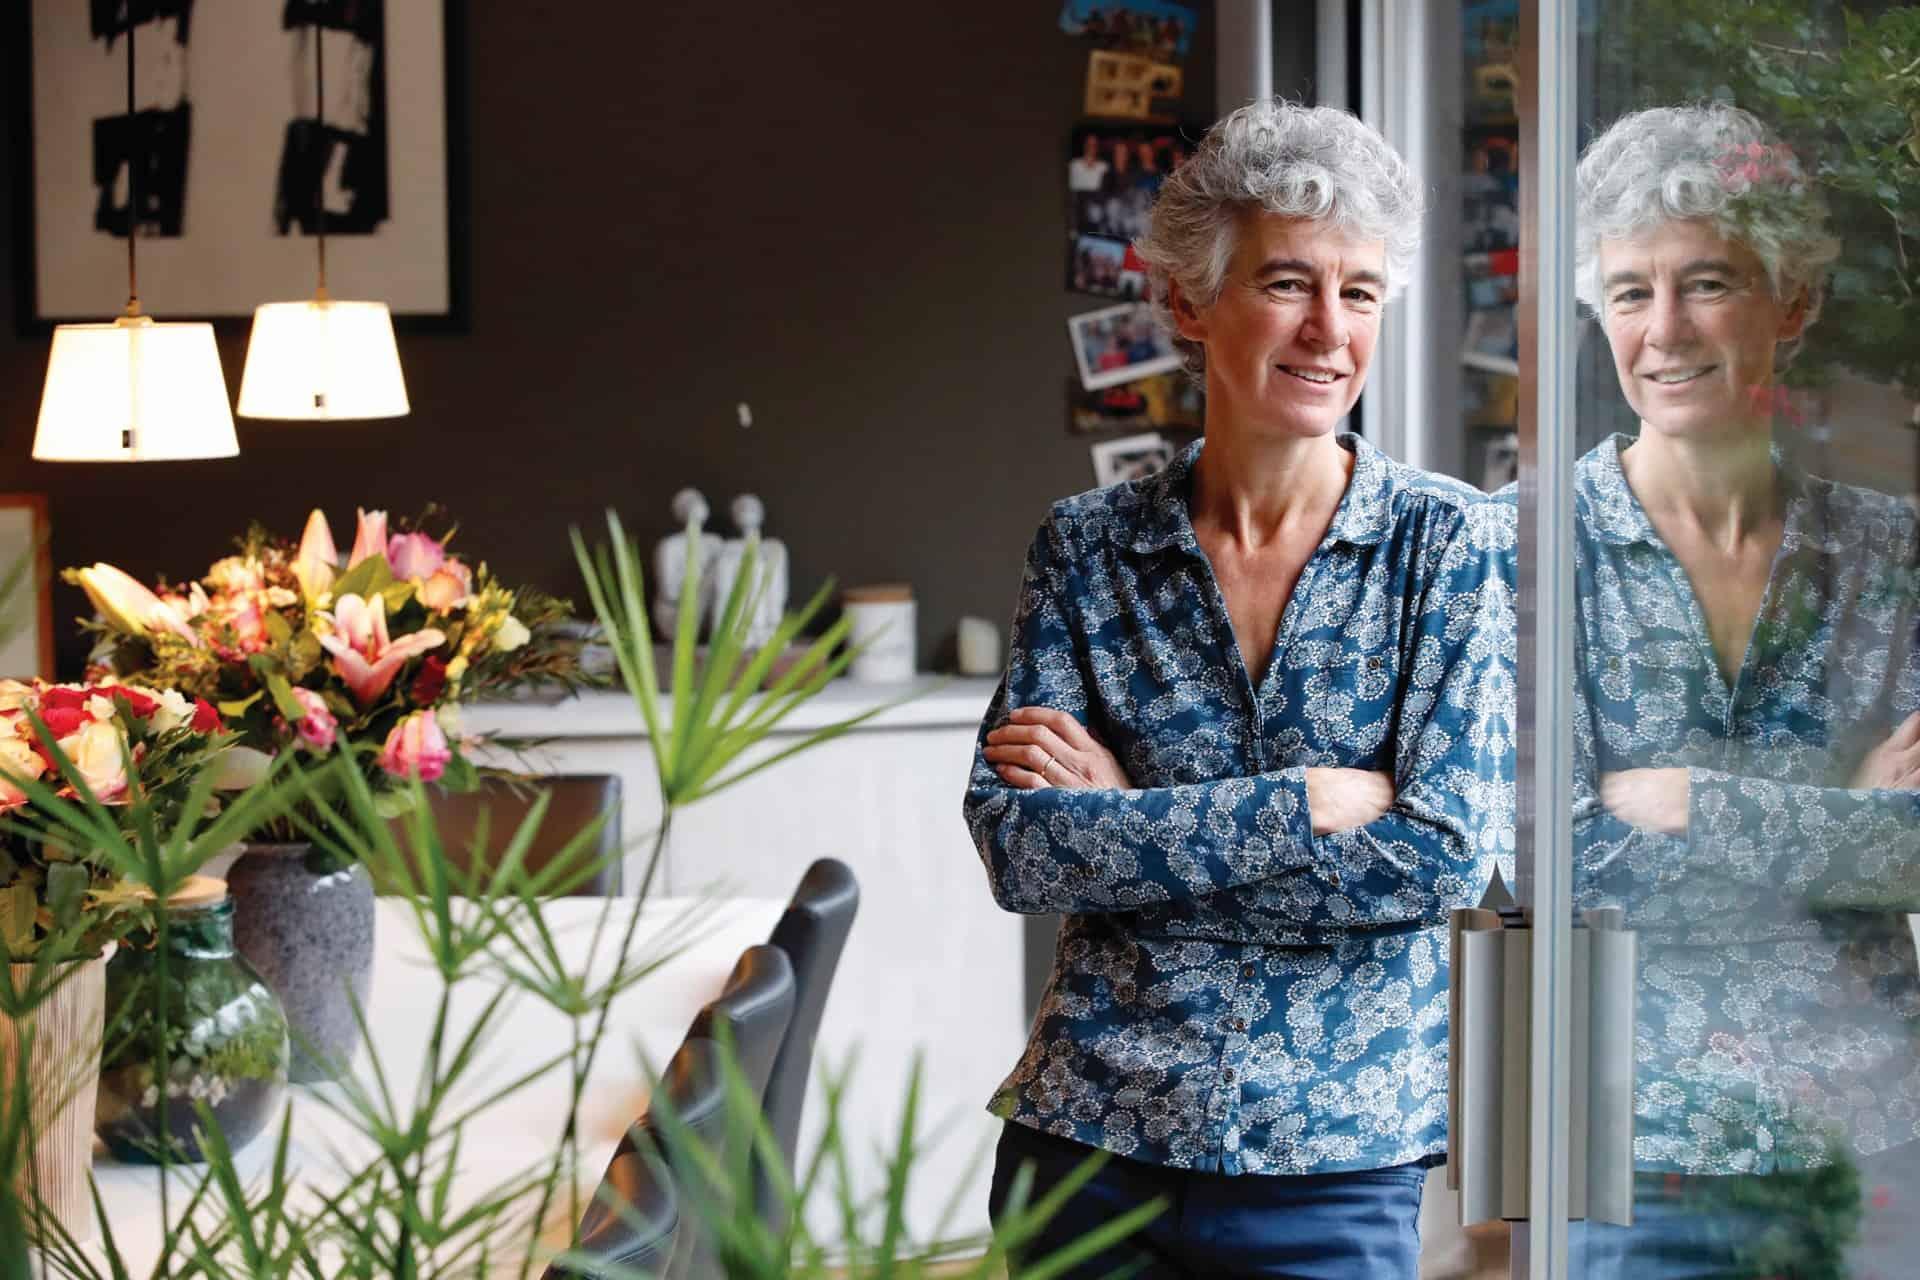 Hilde Ingels voert afscheidsgesprekken en zorgt voor troost bij nabestaanden